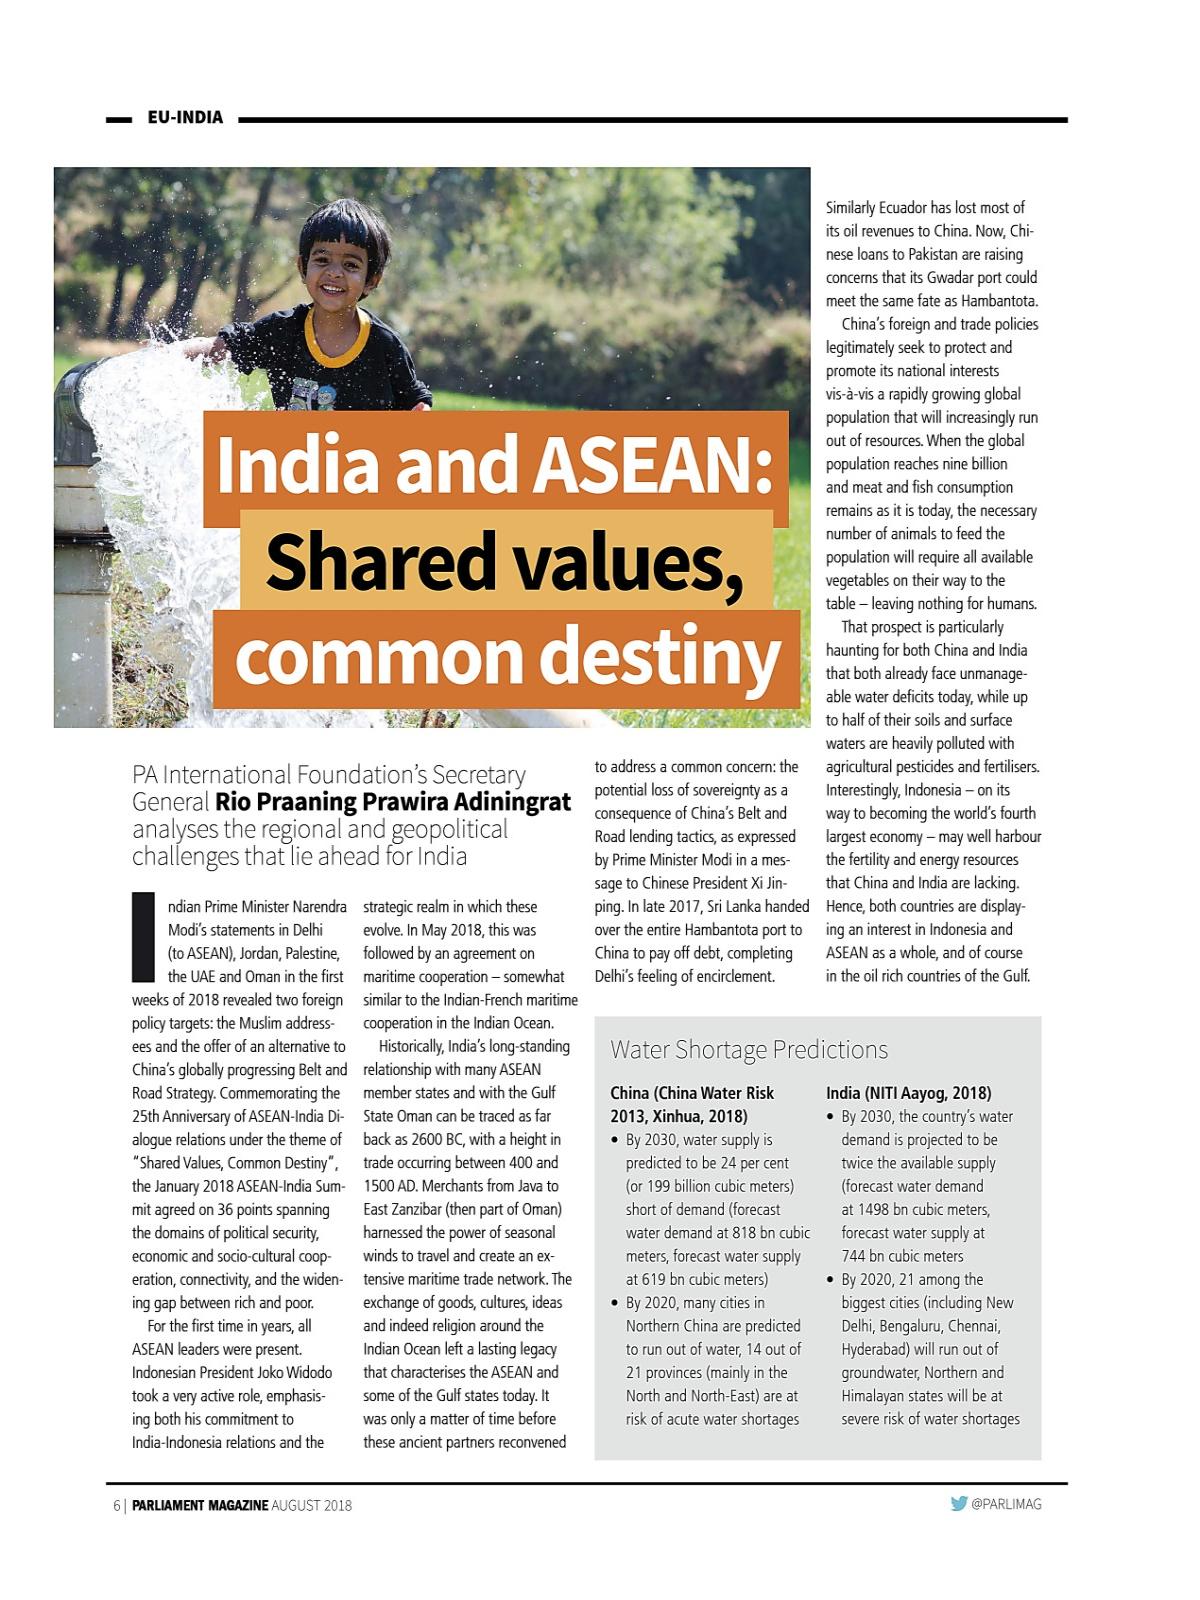 MYEBOOK - EU-India supplement   August 2018